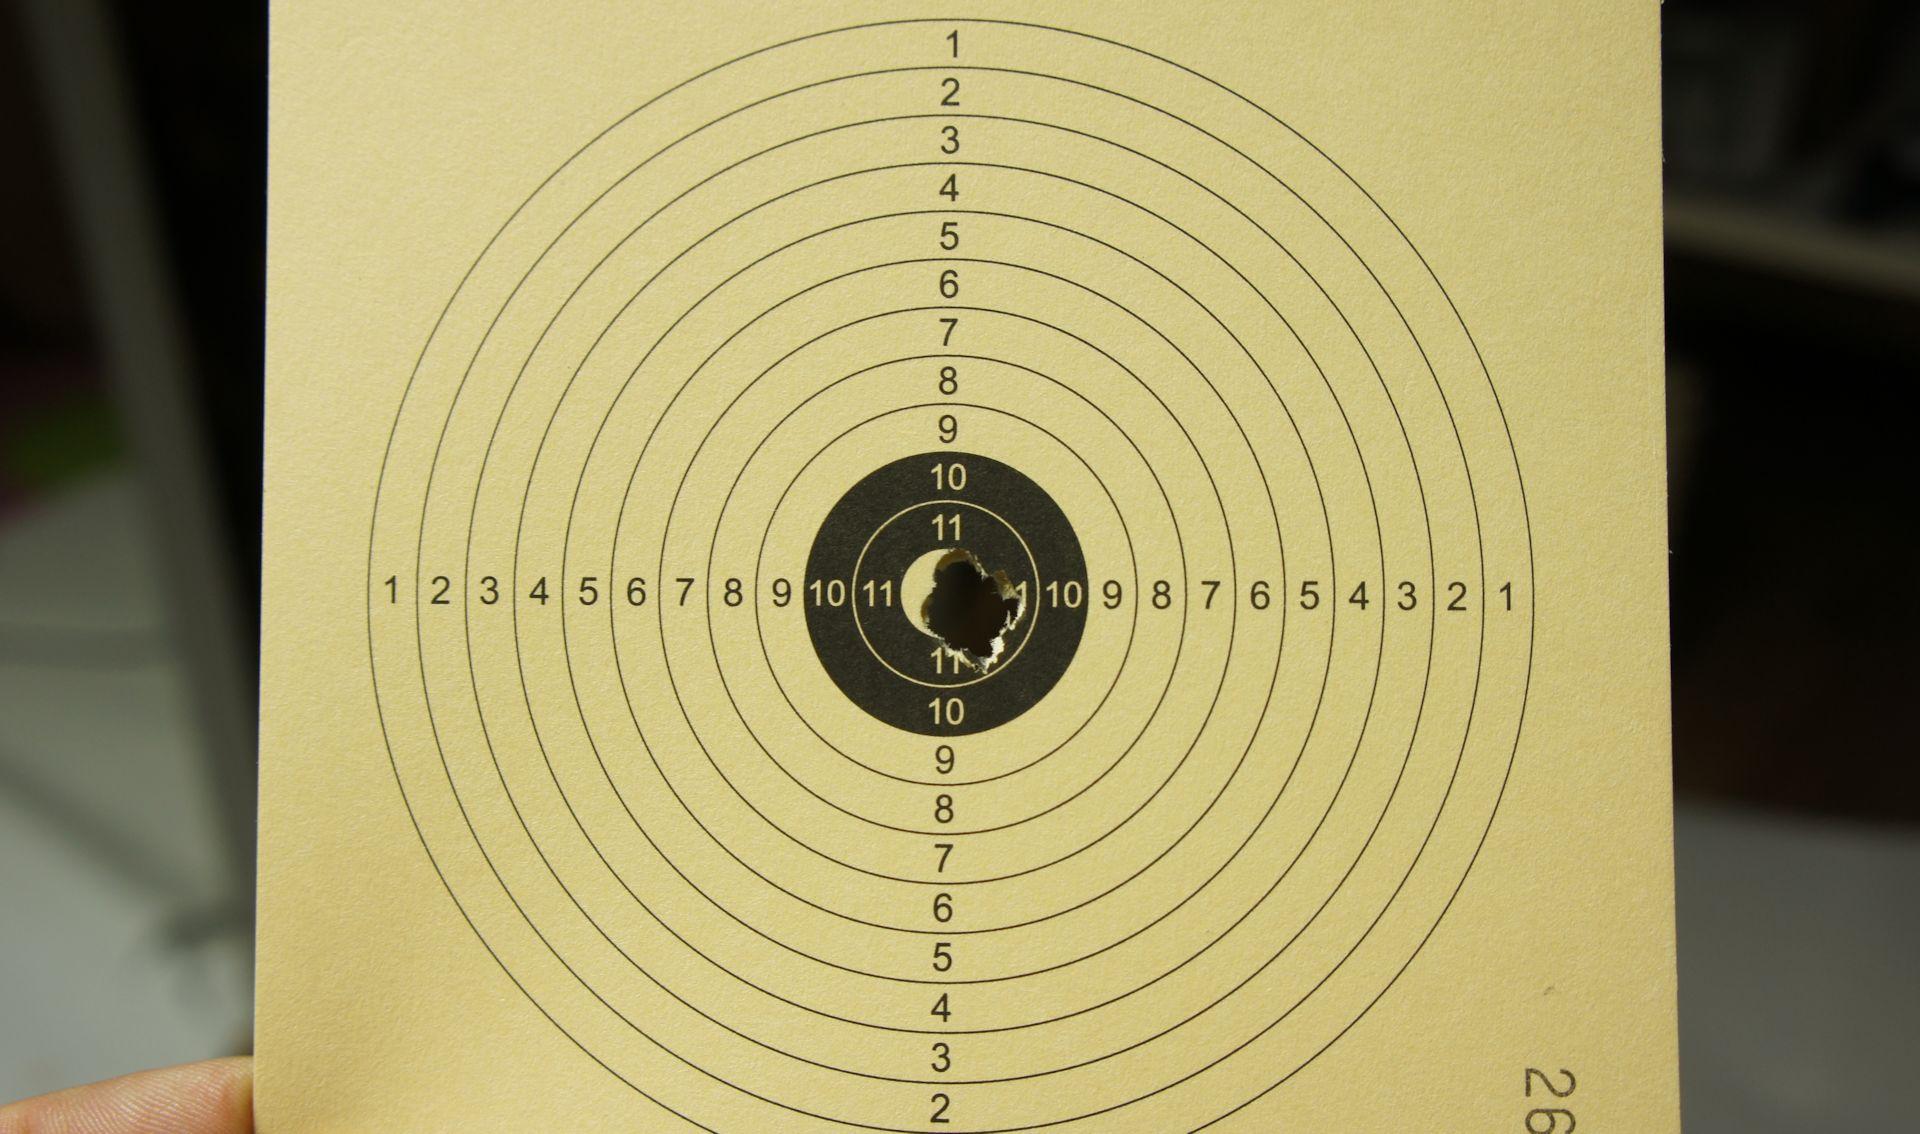 Mein Trefferbild mit so einem Luftgewehr und einem Zielfernrohr UTG 3-12x44 auf 10m